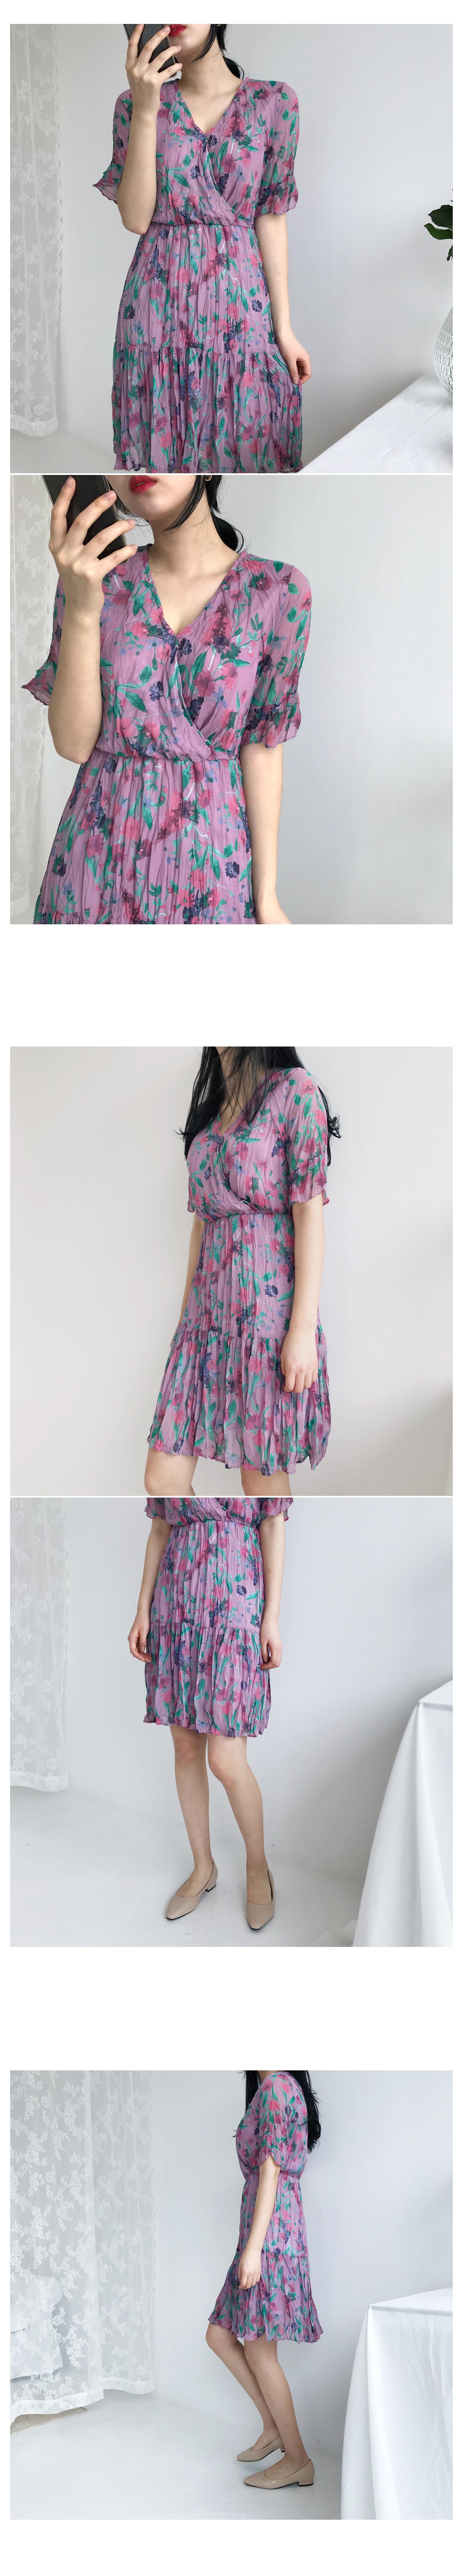 Salon Flower Mini Dress